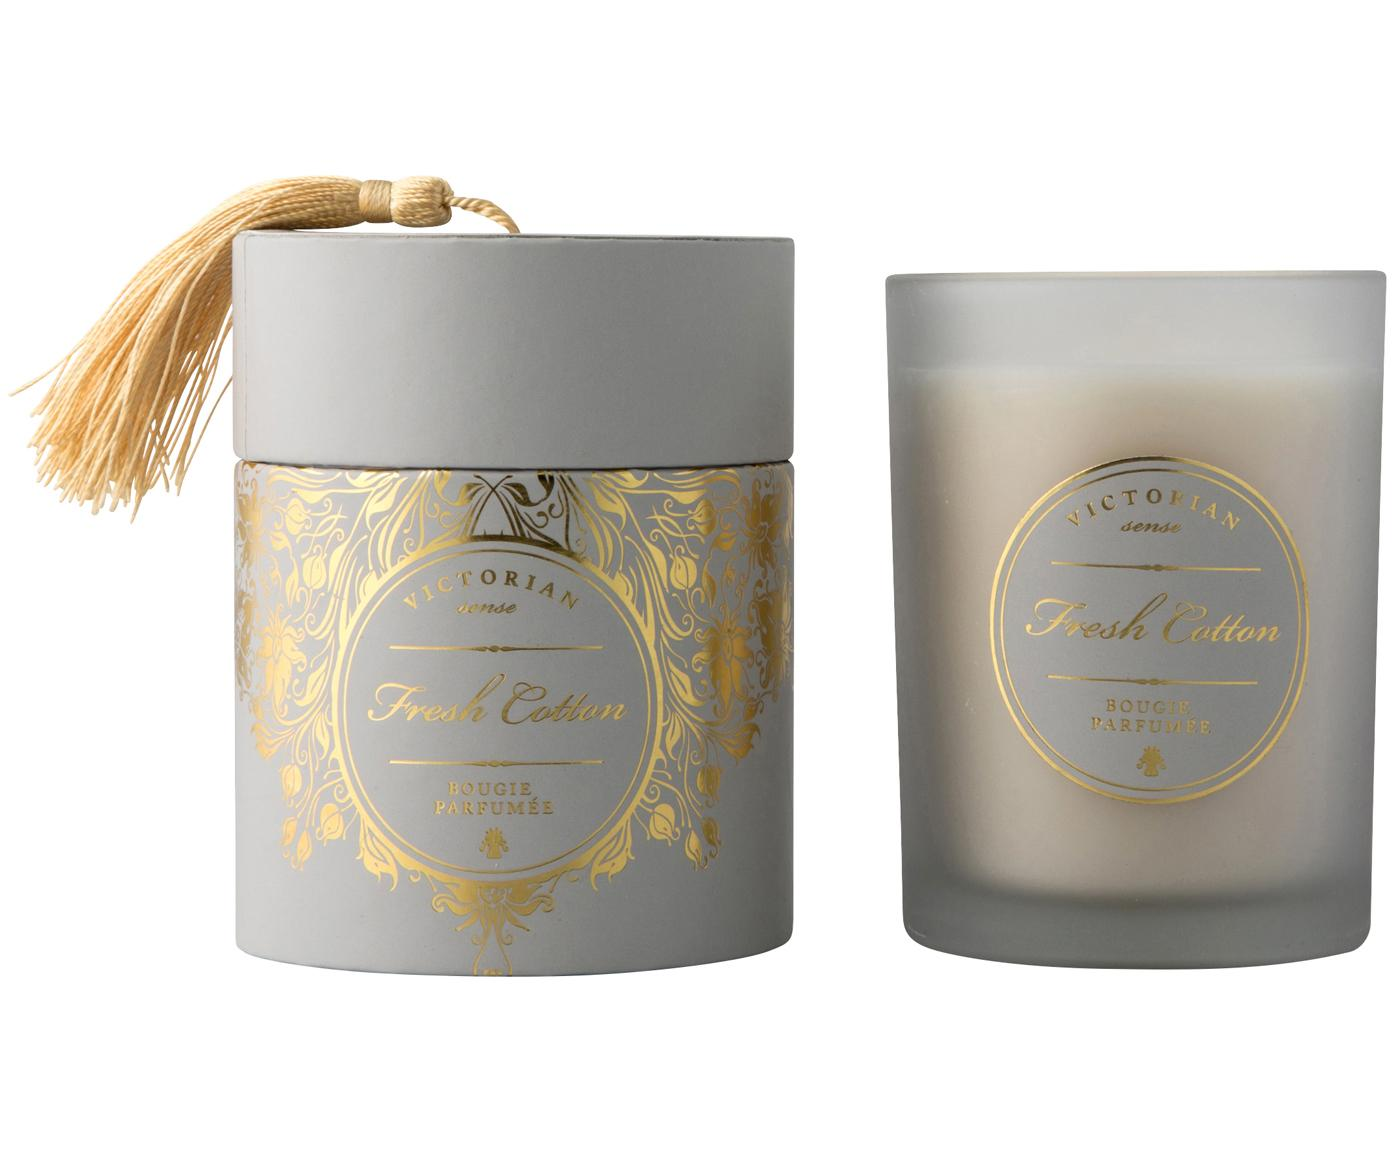 Świeca zapachowa Sense (świeża bawełna), Pojemnik: szary<br>Wosk: biały, Ø 9 x W 11 cm